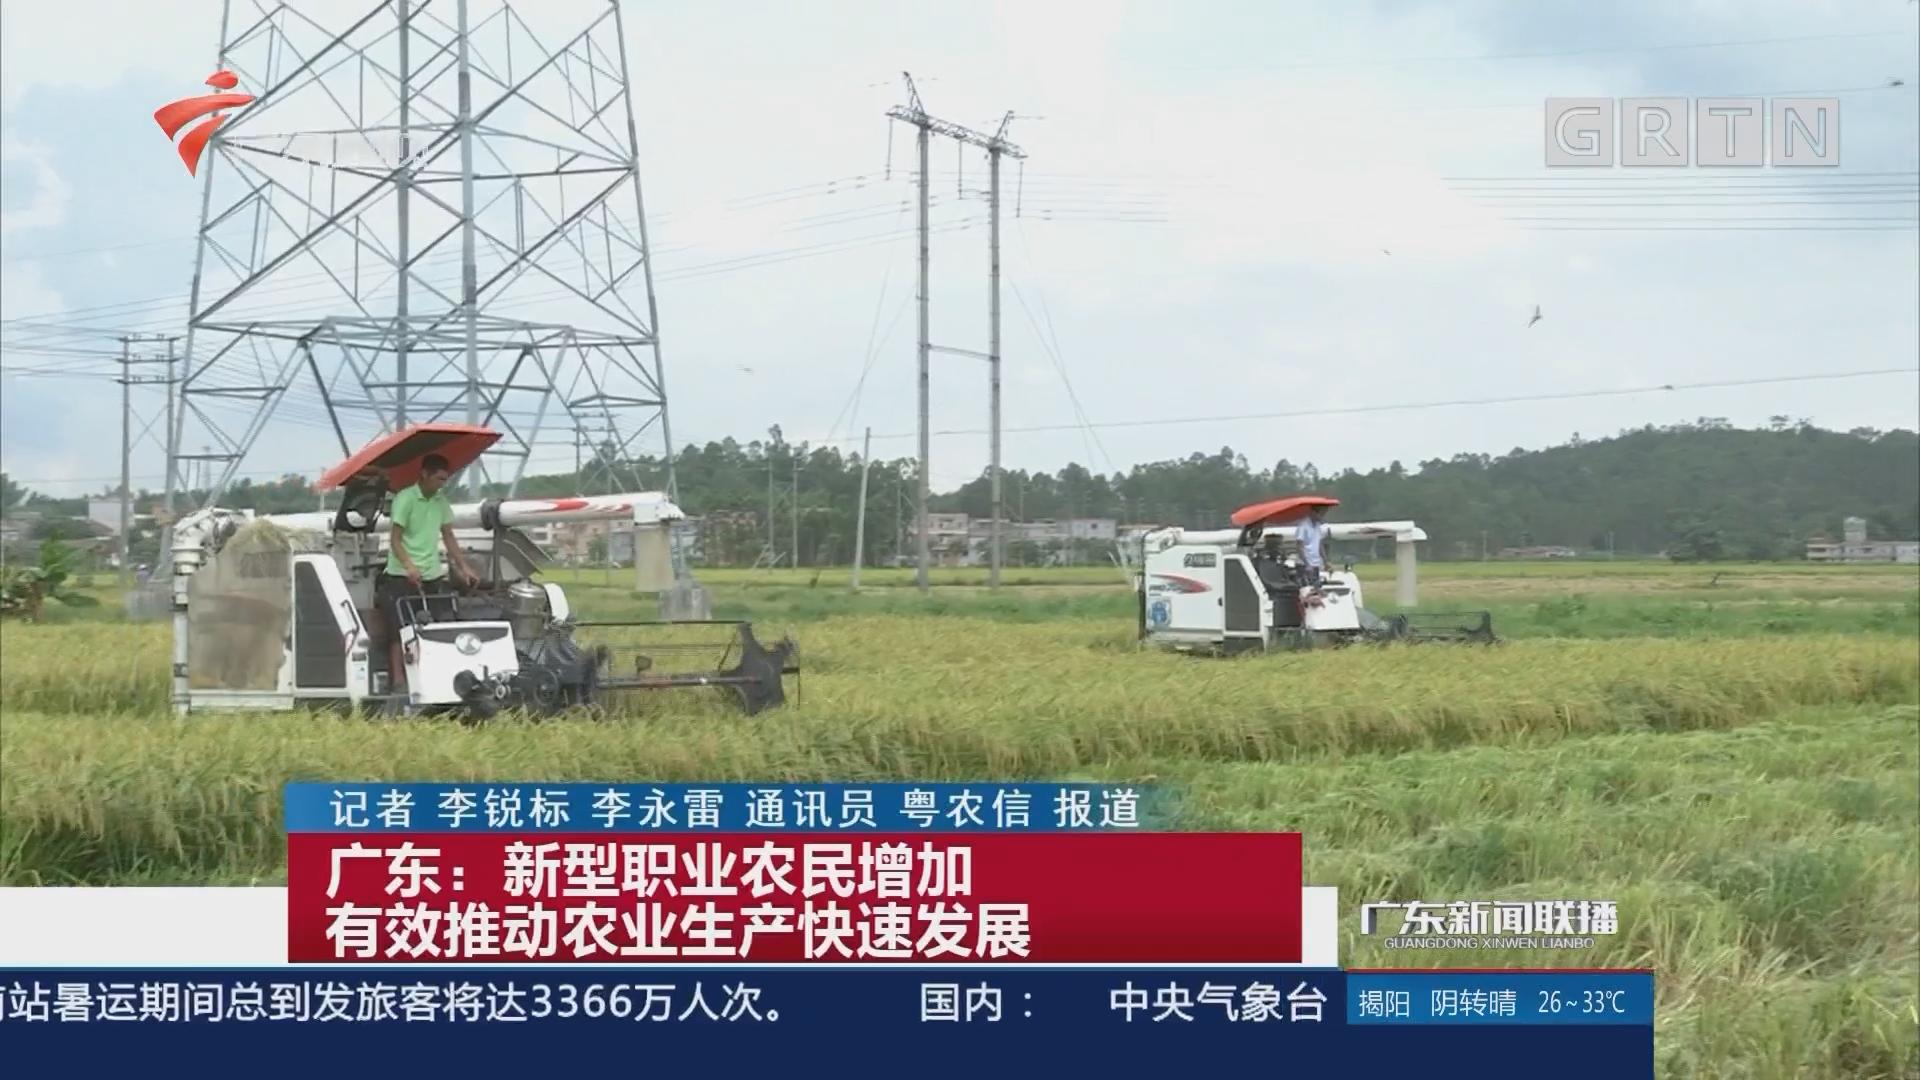 广东:新型职业农民增加有效推动农业生产快速发展